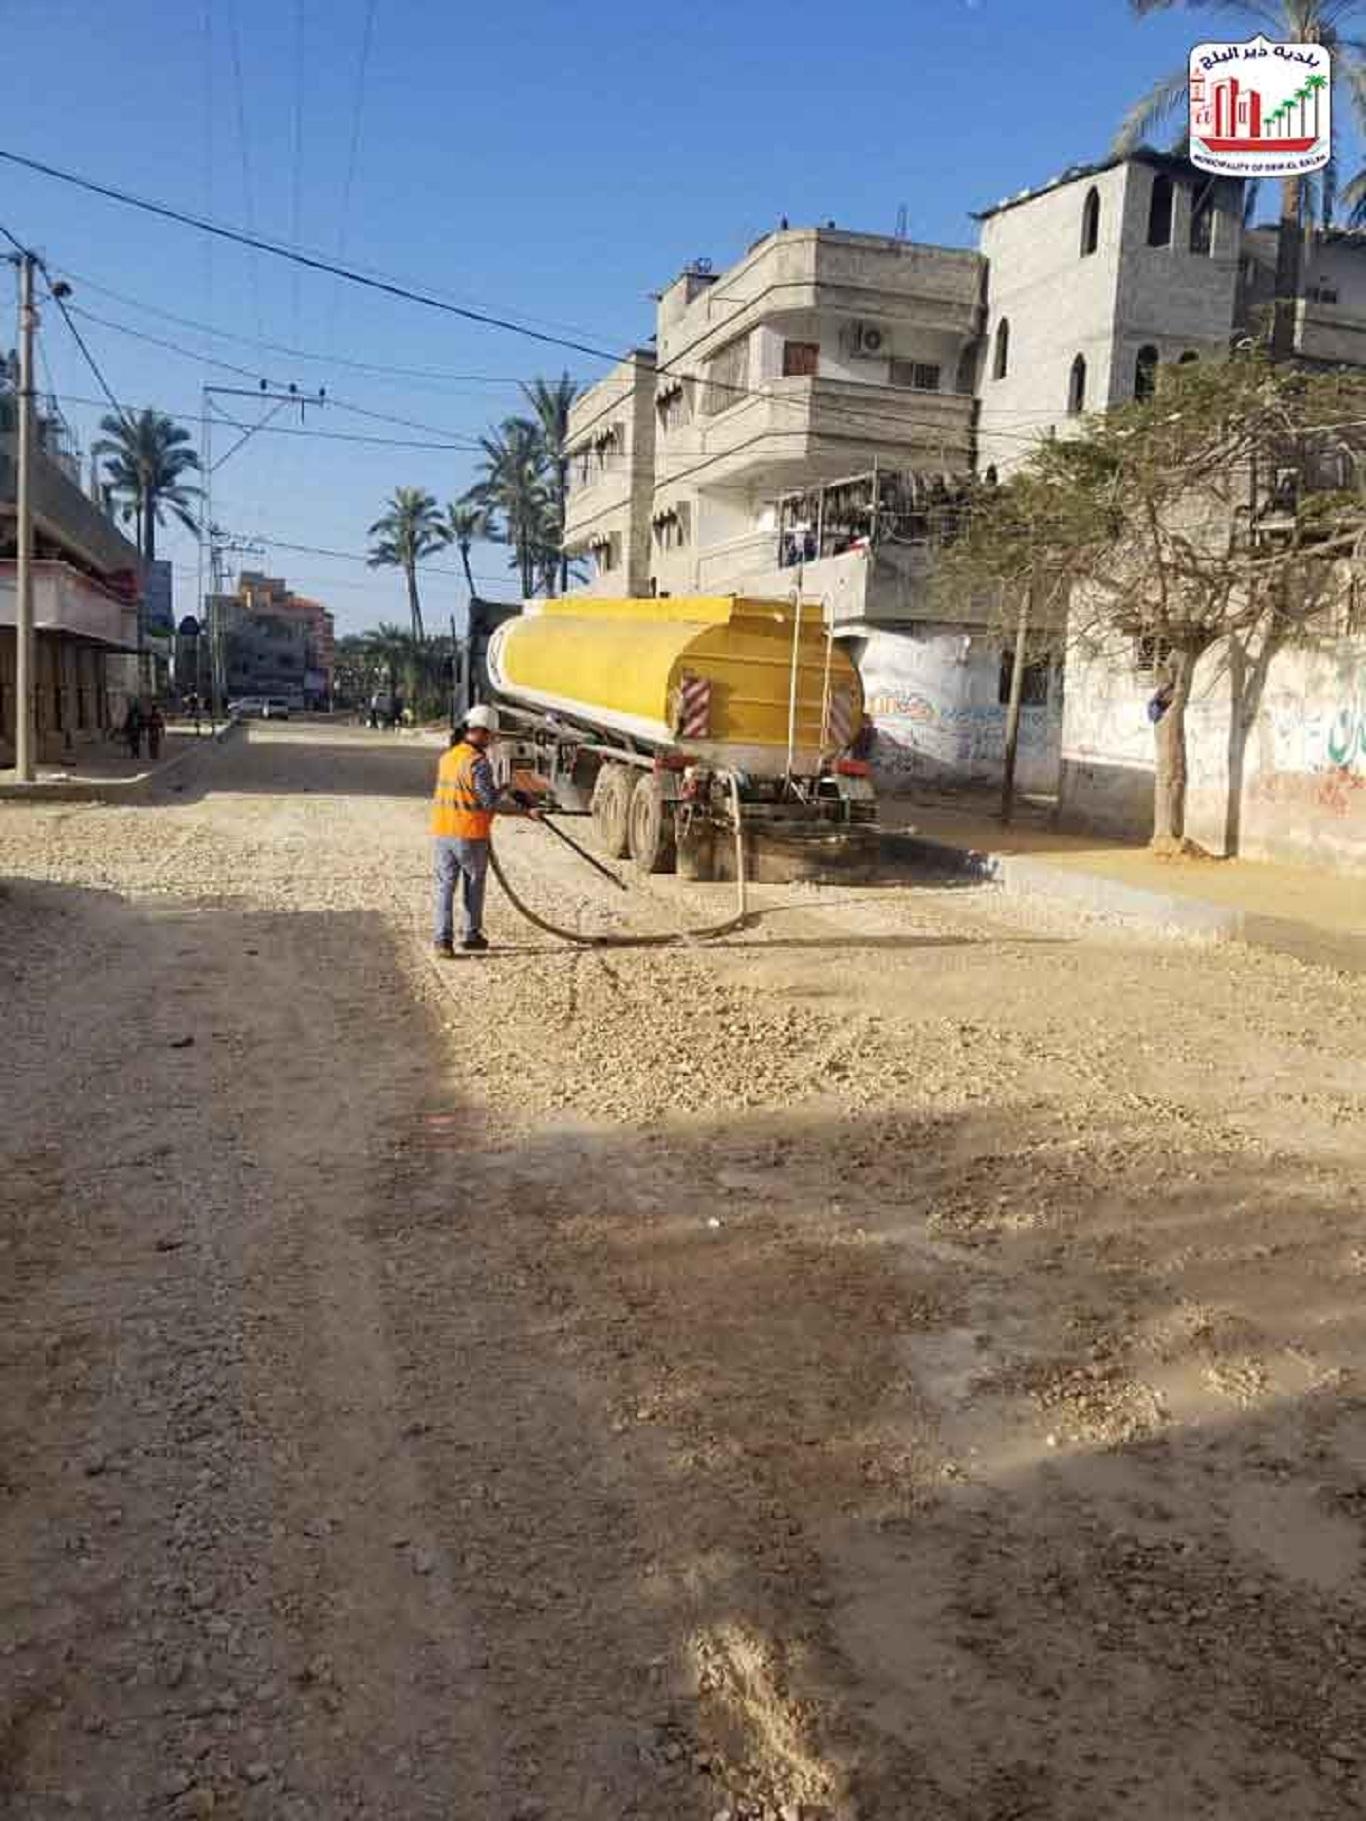 الانتهاء من أعمال بلاط الرصيف واعمال التسوية للبسكورس الطبقة الاولية لشارع النخل ضمن مشروع تطوير شار